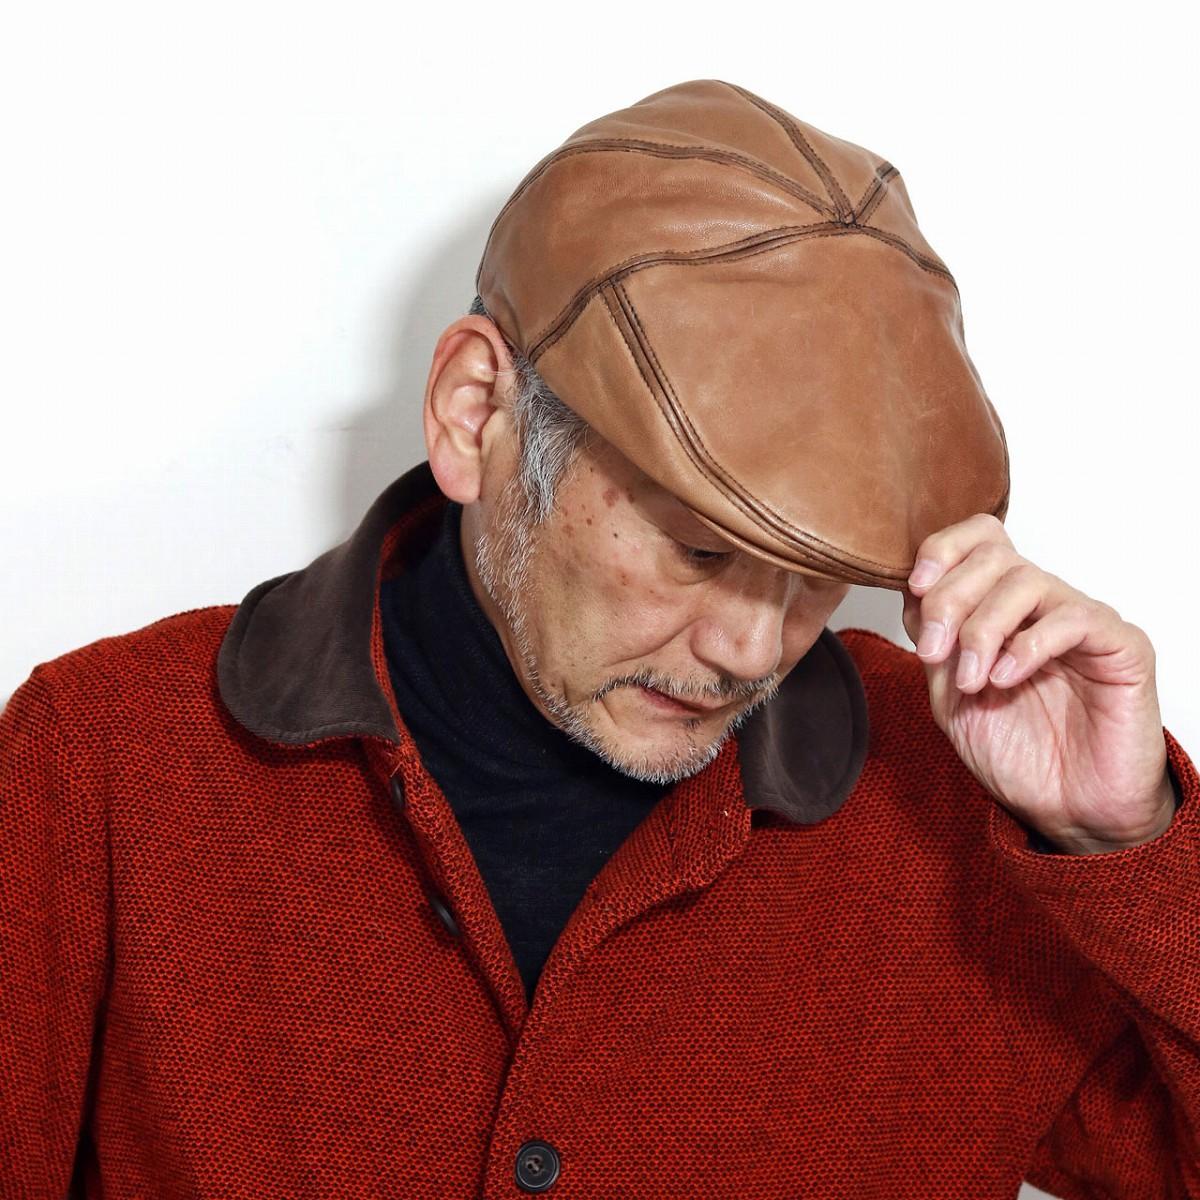 Bailey ハンチング 秋 冬 帽子 ベイリー レザー ラムスキンレザー メンズ 高品質 羊革 ハンチング帽 紳士 大きいサイズ アイビーキャップ レトロ 海外 ブランド インポート M L XL 茶 ブラウン スコッチ[ ivy cap ]